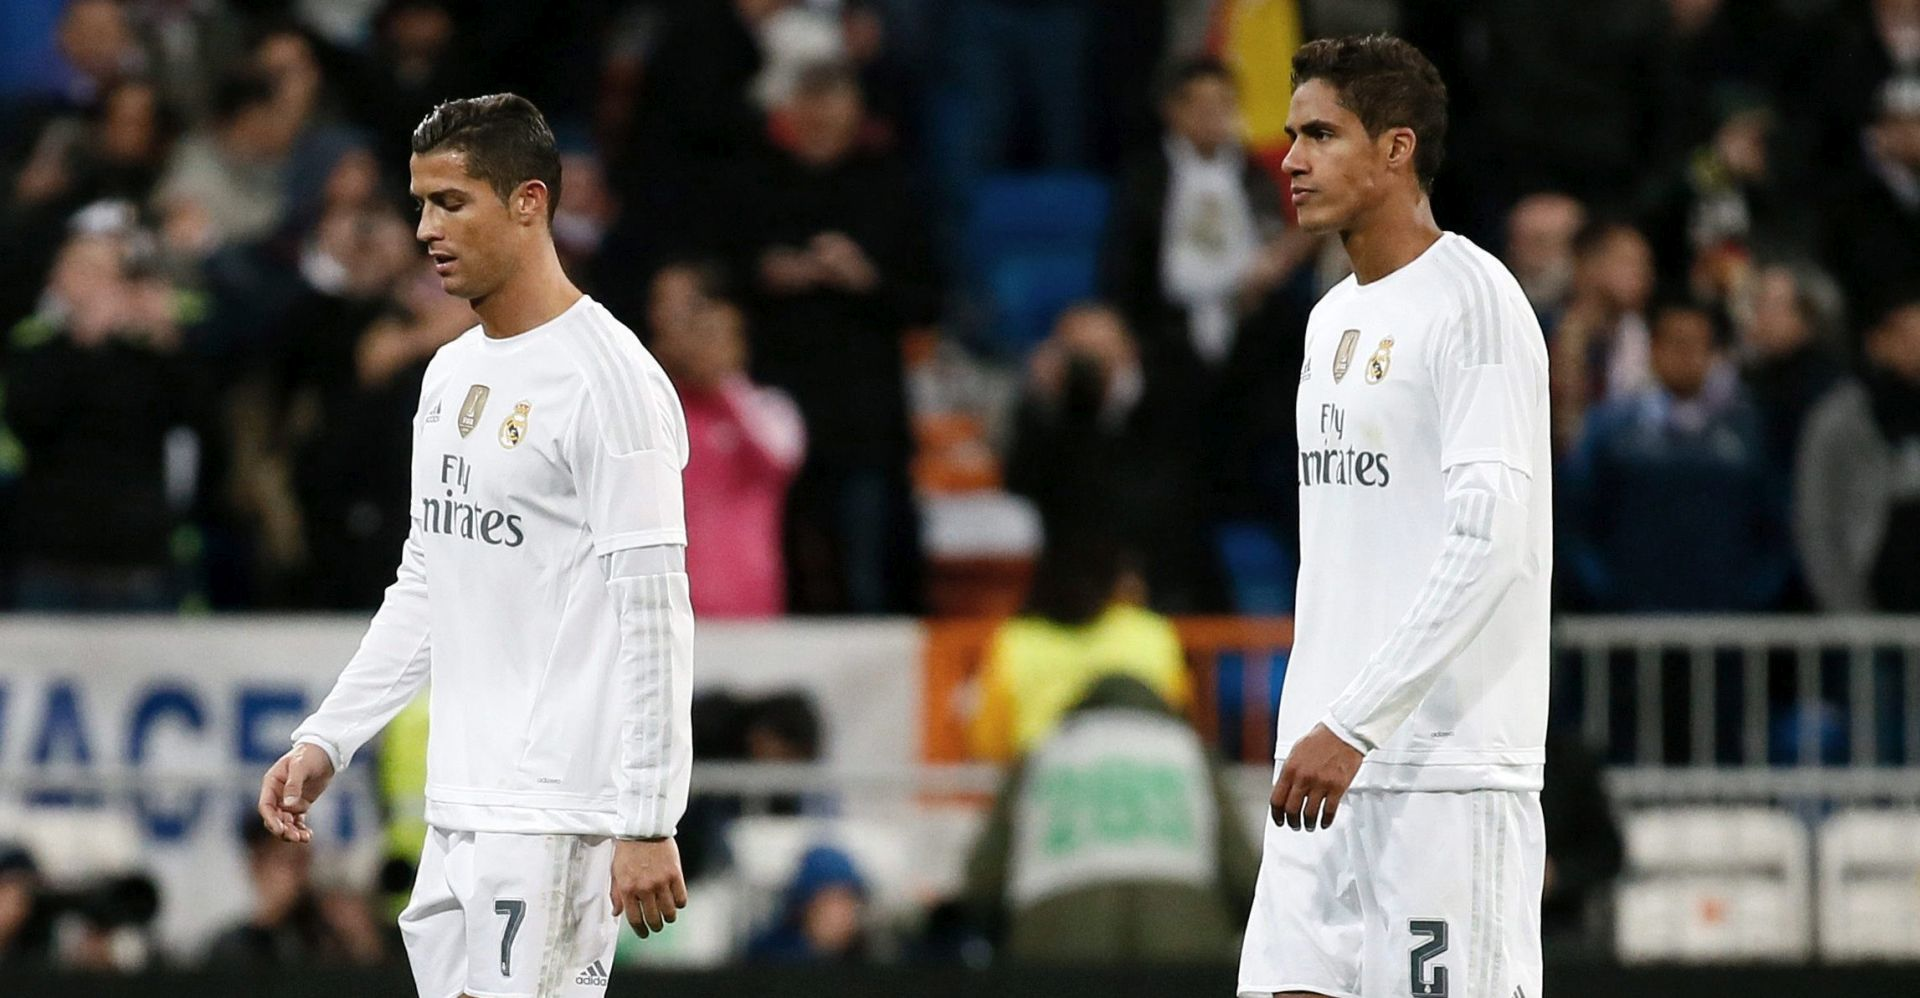 TEŠKI DANI ZA 'KRALJEVSKI KLUB' Igrači Reala traže oprost od navijača